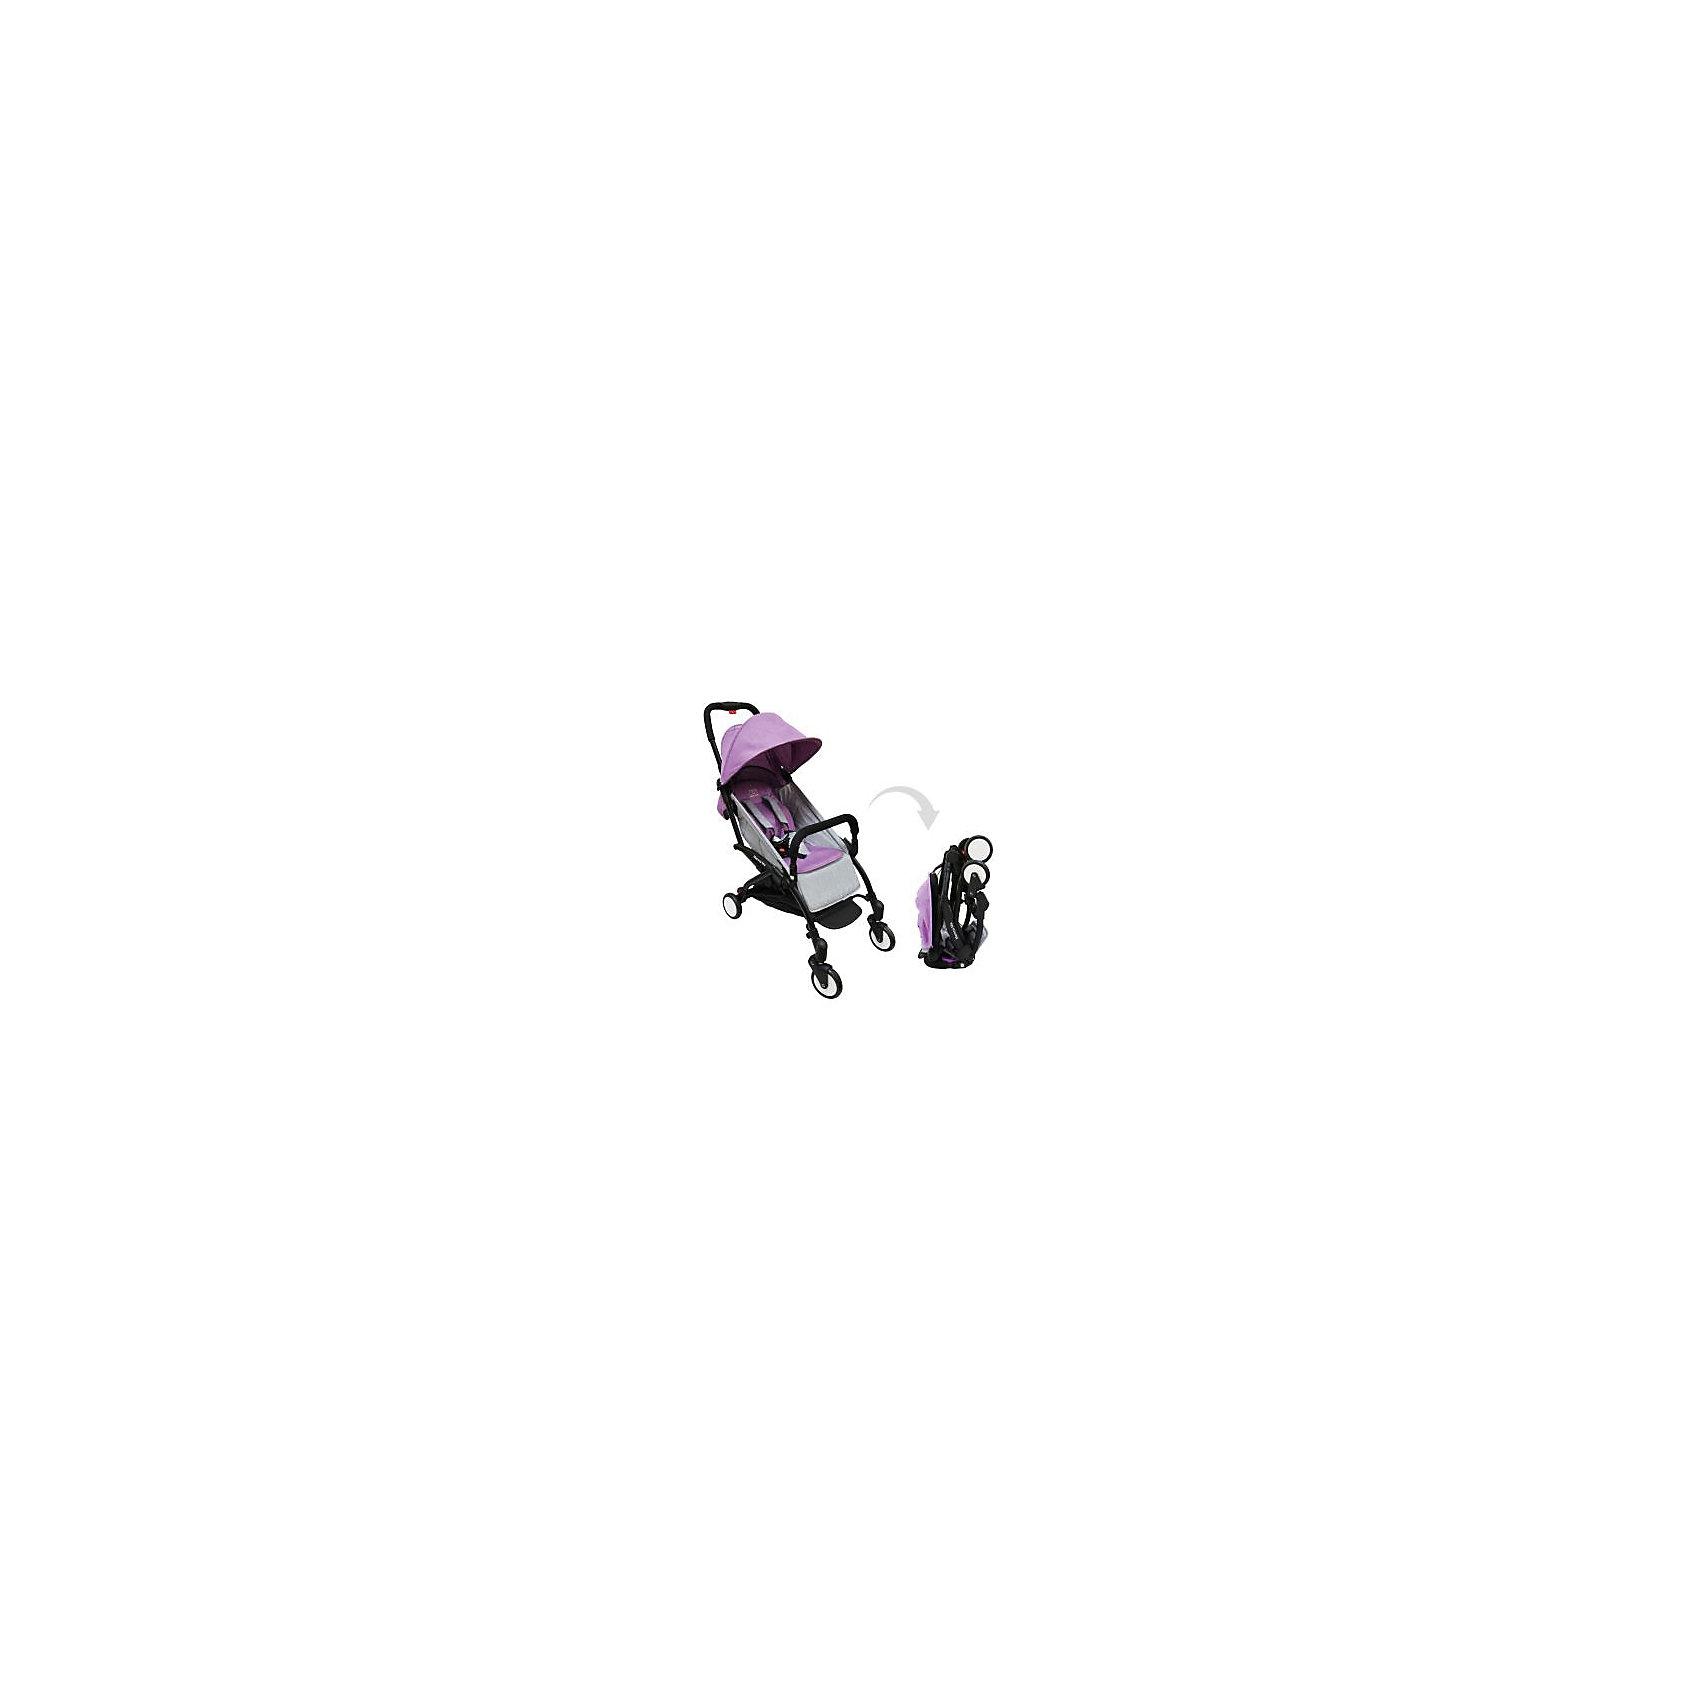 Прогулочная коляска Sweet Baby Mamma Mia Linen Canarie, фиолетоваяПрогулочные коляски<br>Характеристики товара:<br><br>• цвет: Linen Canarie, фиолетовый<br>• алюминиевая рама.<br>• регулируемая ремешком спинка коляски, угол наклона 165 градусов<br>• на сиденье со спинкой находится съемный матрасик с прорезями для ремней<br>• защитный съемный бампер перед ребенком<br>• пластиковая подножка для подросшего ребенка<br>• капюшон со смотровым окошком<br>• цельная ручка коляски с накладкой<br>• полиуретановые колеса<br>• передние поворотные (без блокировки)<br>• пружинная амортизация на передних колесах<br>• тип тормоза: ножной, на одном из задних колес<br>• механизм складывания: книжка<br>• коляска складывается одной рукой вместе с прогулочным блоком<br>• имеется ремень для переноски коляски на плече<br><br>Размер коляски: 67х45х103 см<br>Размер коляски в сложенном виде: 20х43х57 см<br>Вес коляски: 5,8 кг<br>Размер упаковки: 95х46х97 см<br>Вес в упаковке: 7,7 кг<br><br>Прогулочная коляска Mamma Mia бренда Sweet Baby имеет небольшой вес и компактный размер, что идеально для родителей, путешествующих с ребенком. В сложенном виде она очень компактна и без труда влезет в багажник или на полку самолета.<br><br>Прогулочную коляску Mamma Mia Linen Canarie, Sweet Baby, фиолетовую можно купить в нашем интернет-магазине.<br><br>Ширина мм: 950<br>Глубина мм: 460<br>Высота мм: 970<br>Вес г: 7770<br>Возраст от месяцев: 0<br>Возраст до месяцев: 36<br>Пол: Унисекс<br>Возраст: Детский<br>SKU: 5614399